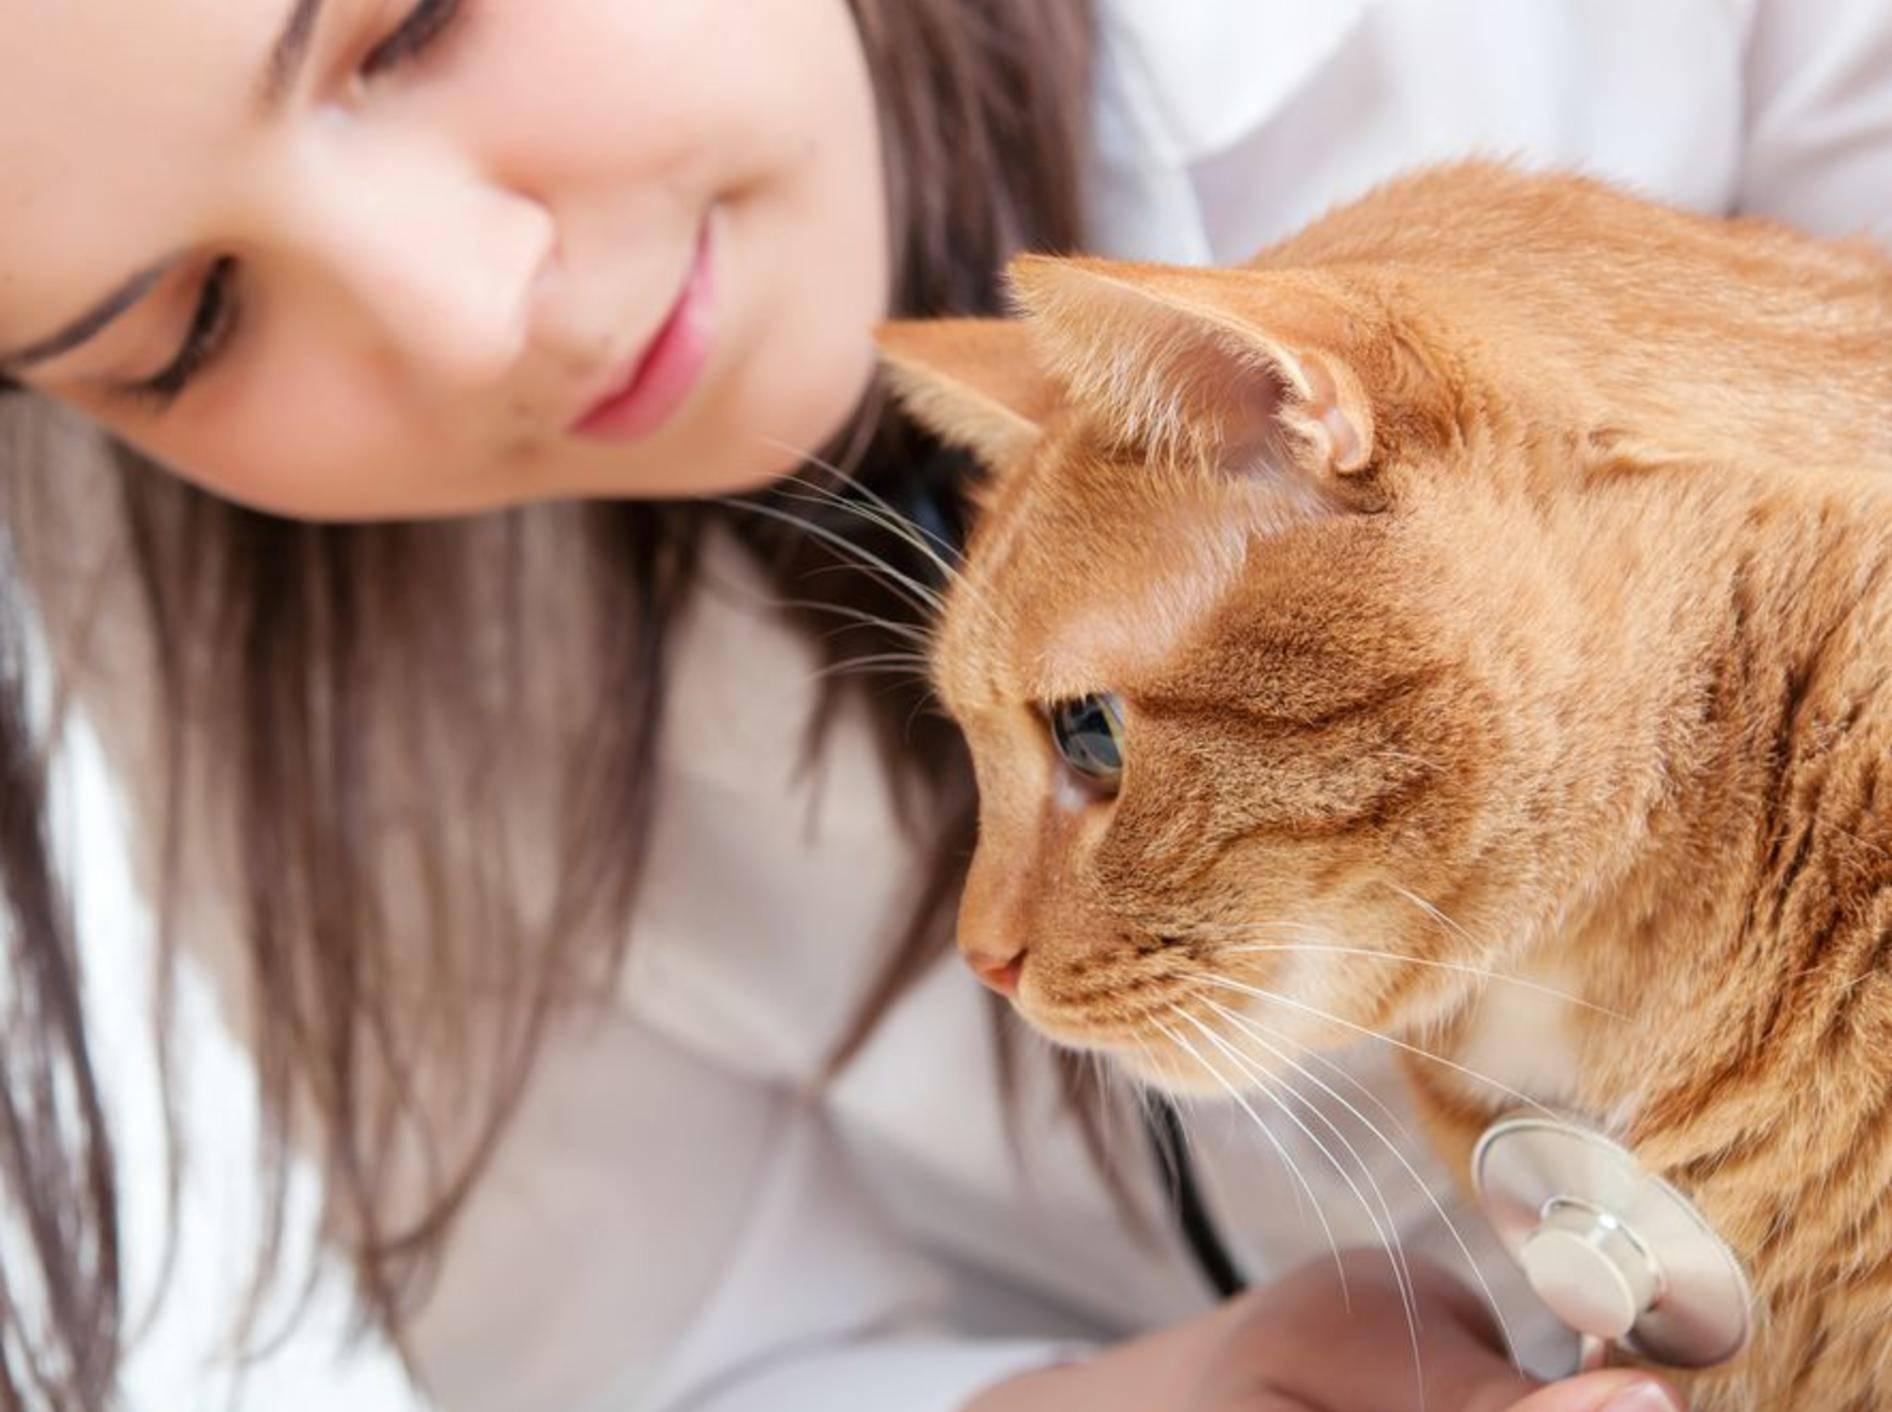 Ein guter Tierarzt verhält sich einfühlsam und geduldig bei der Untersuchung Ihrer Katze – Bild: Shutterstock / mtr